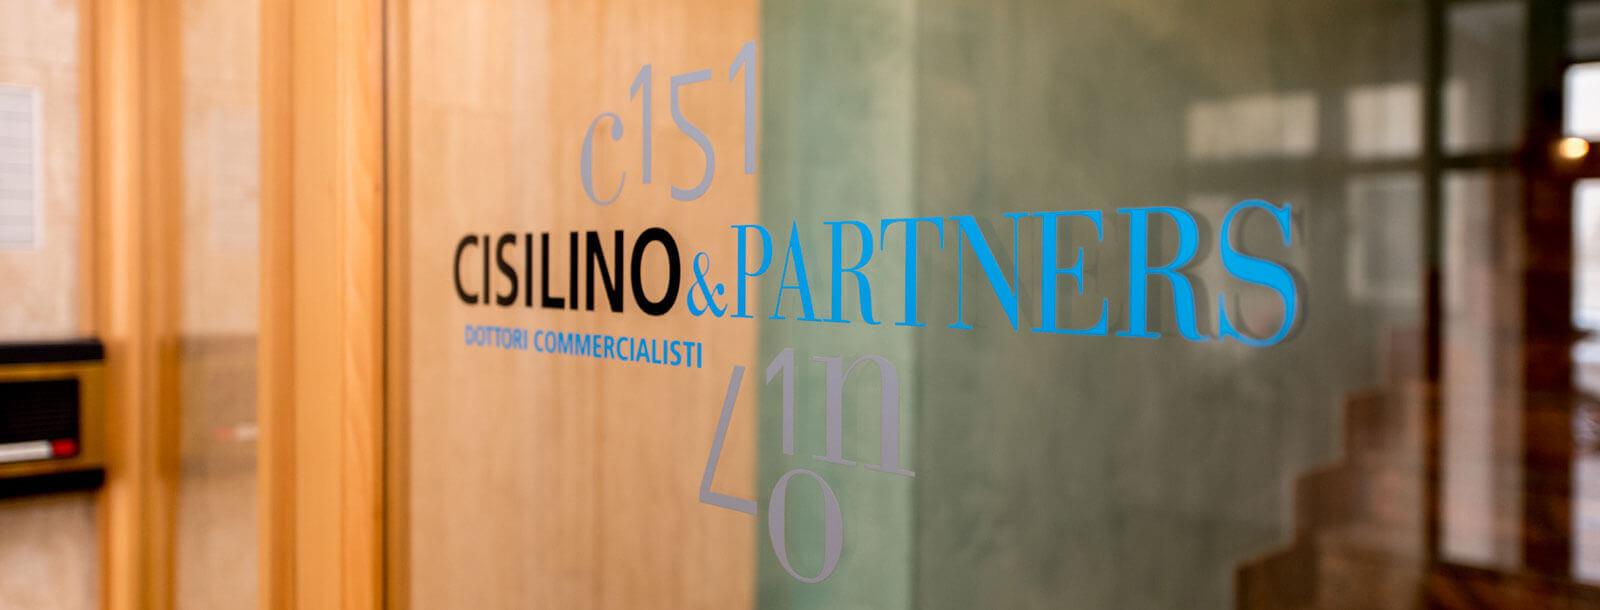 Cisilino e Partners, dottori commercialisti